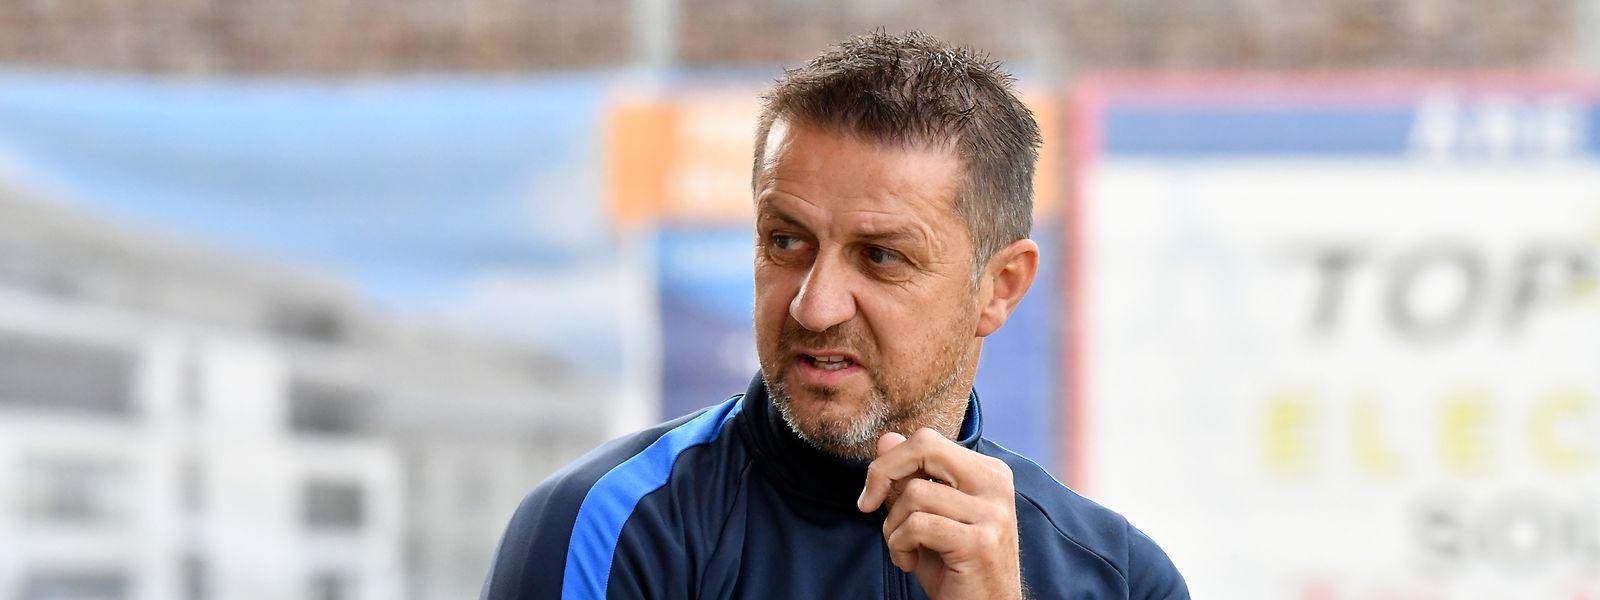 Claude Ottelé avait conduit Etzella en finale de la Coupe de Luxembourg la saison dernière et remporté la Coupe de la Ligue au mois de juillet.